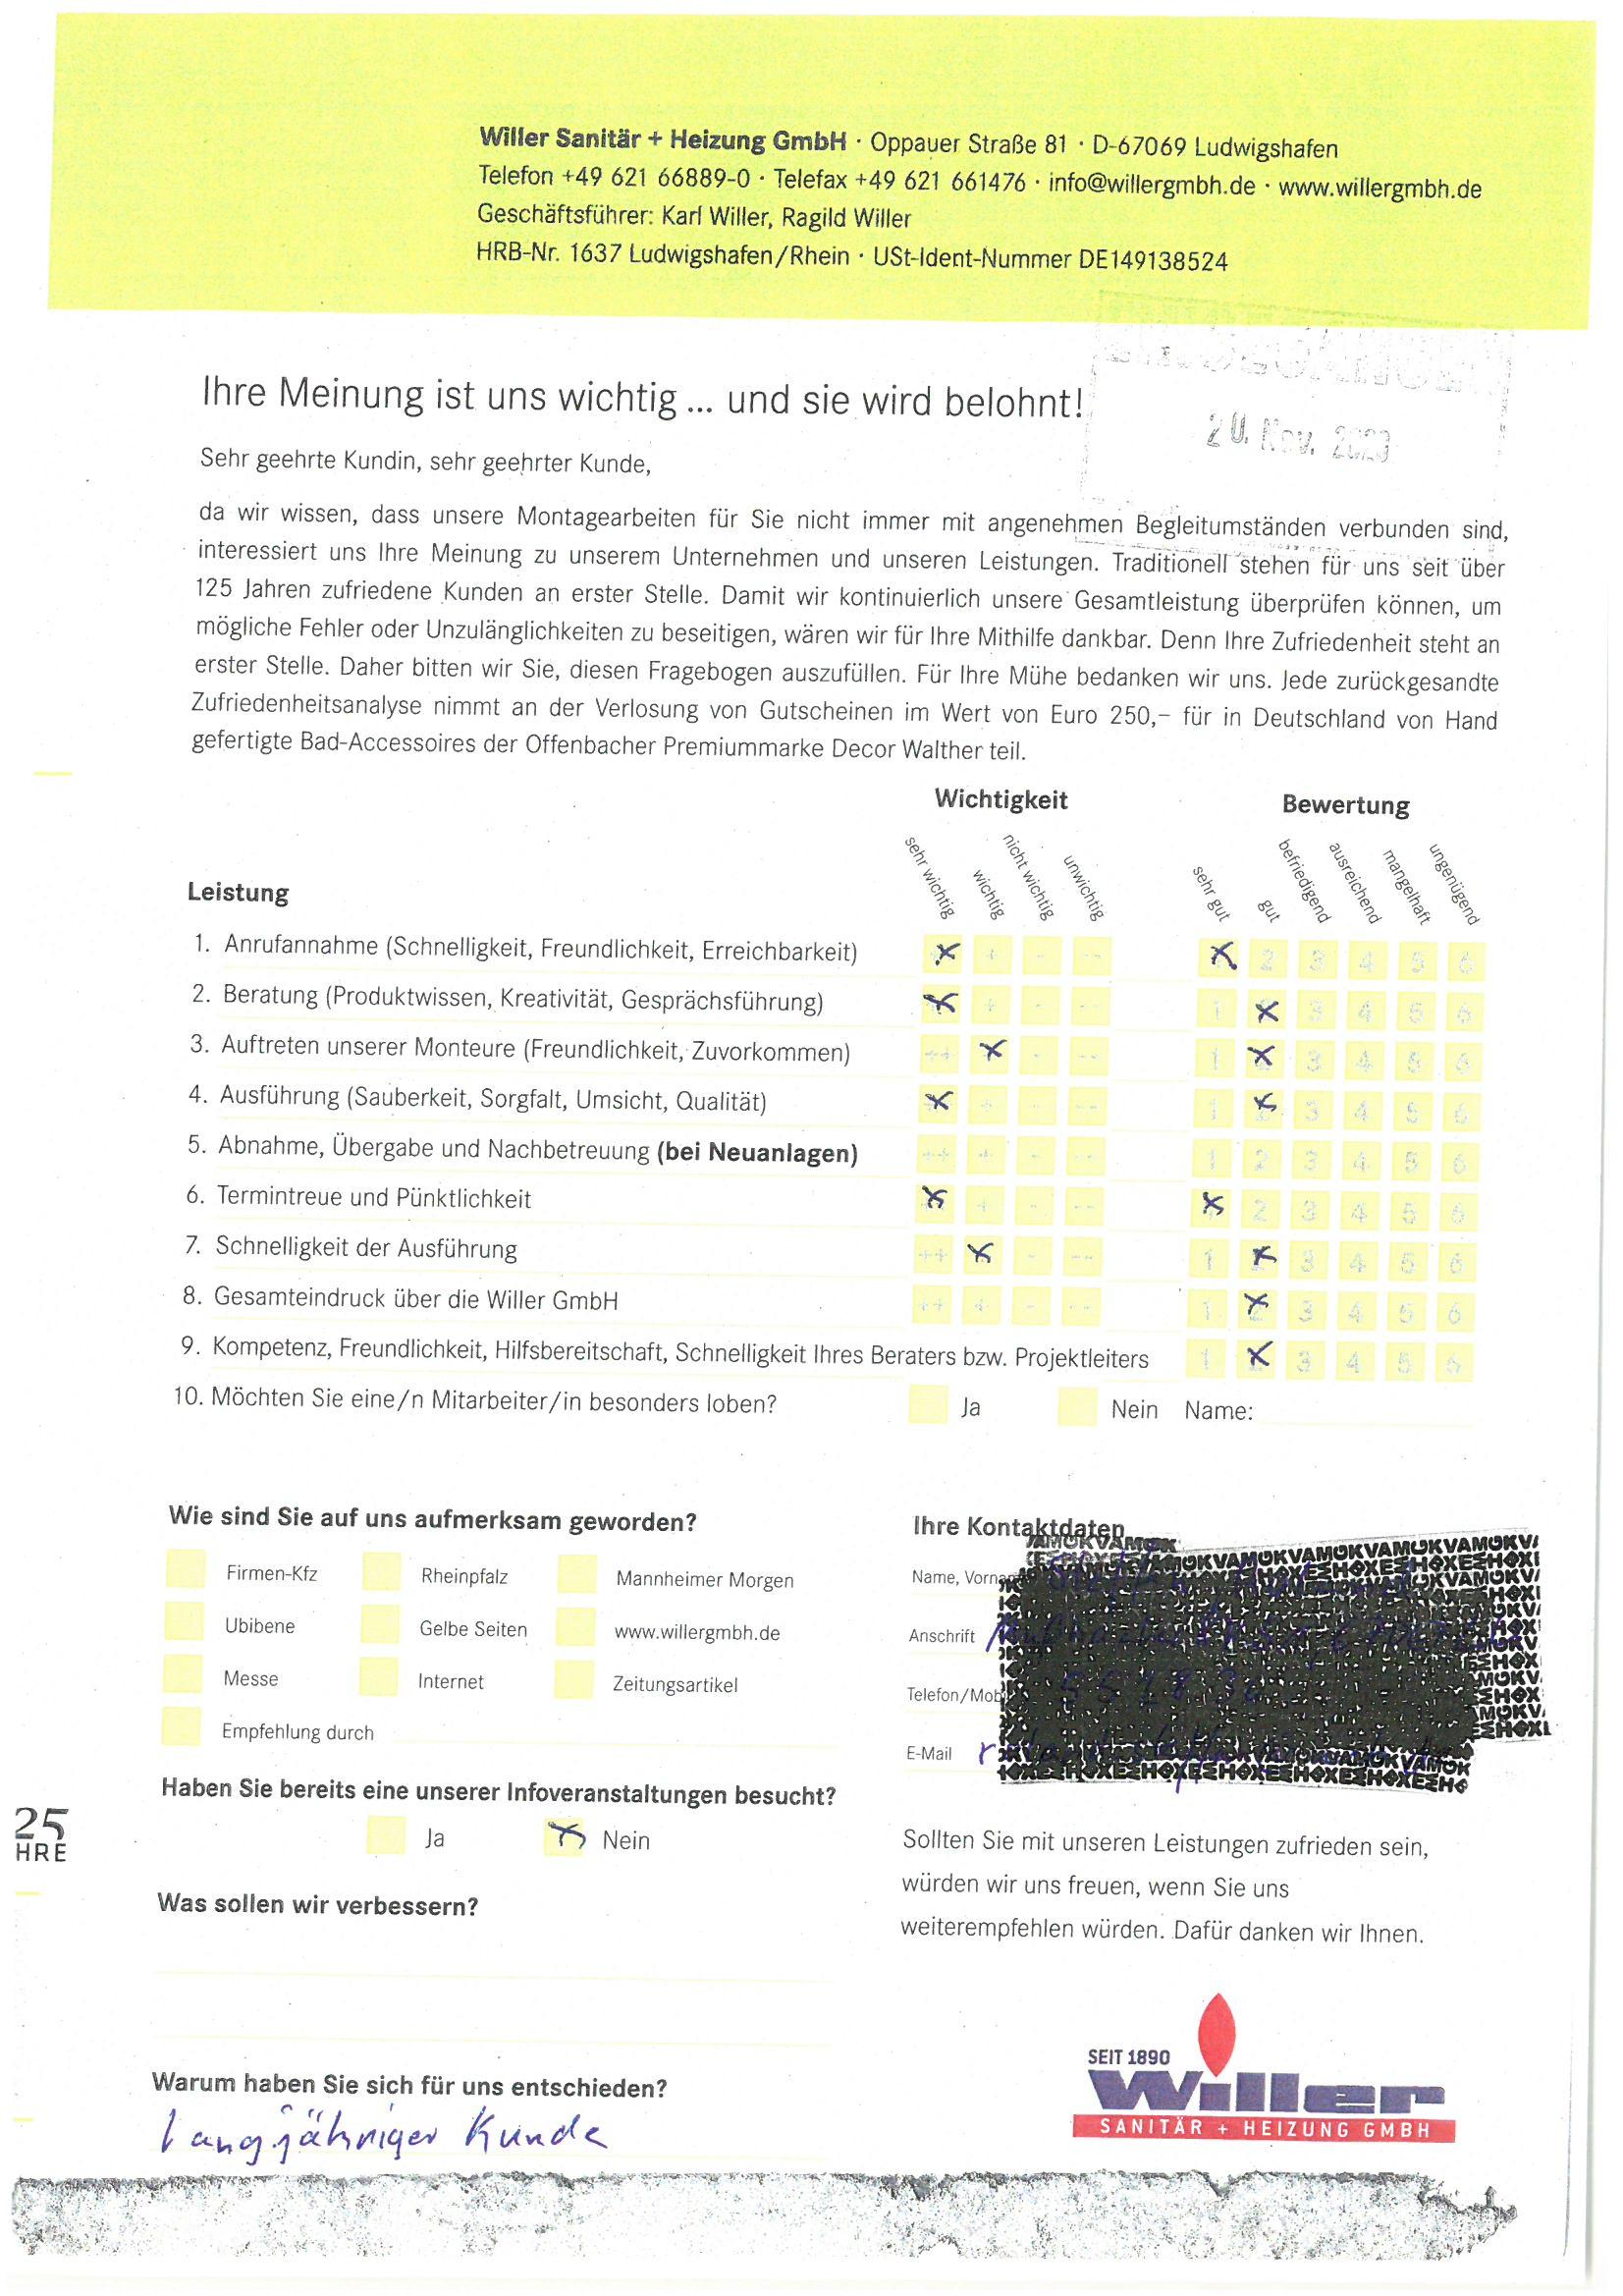 Bewertungen_Willer_Ludwigshafen_2020_ (9)